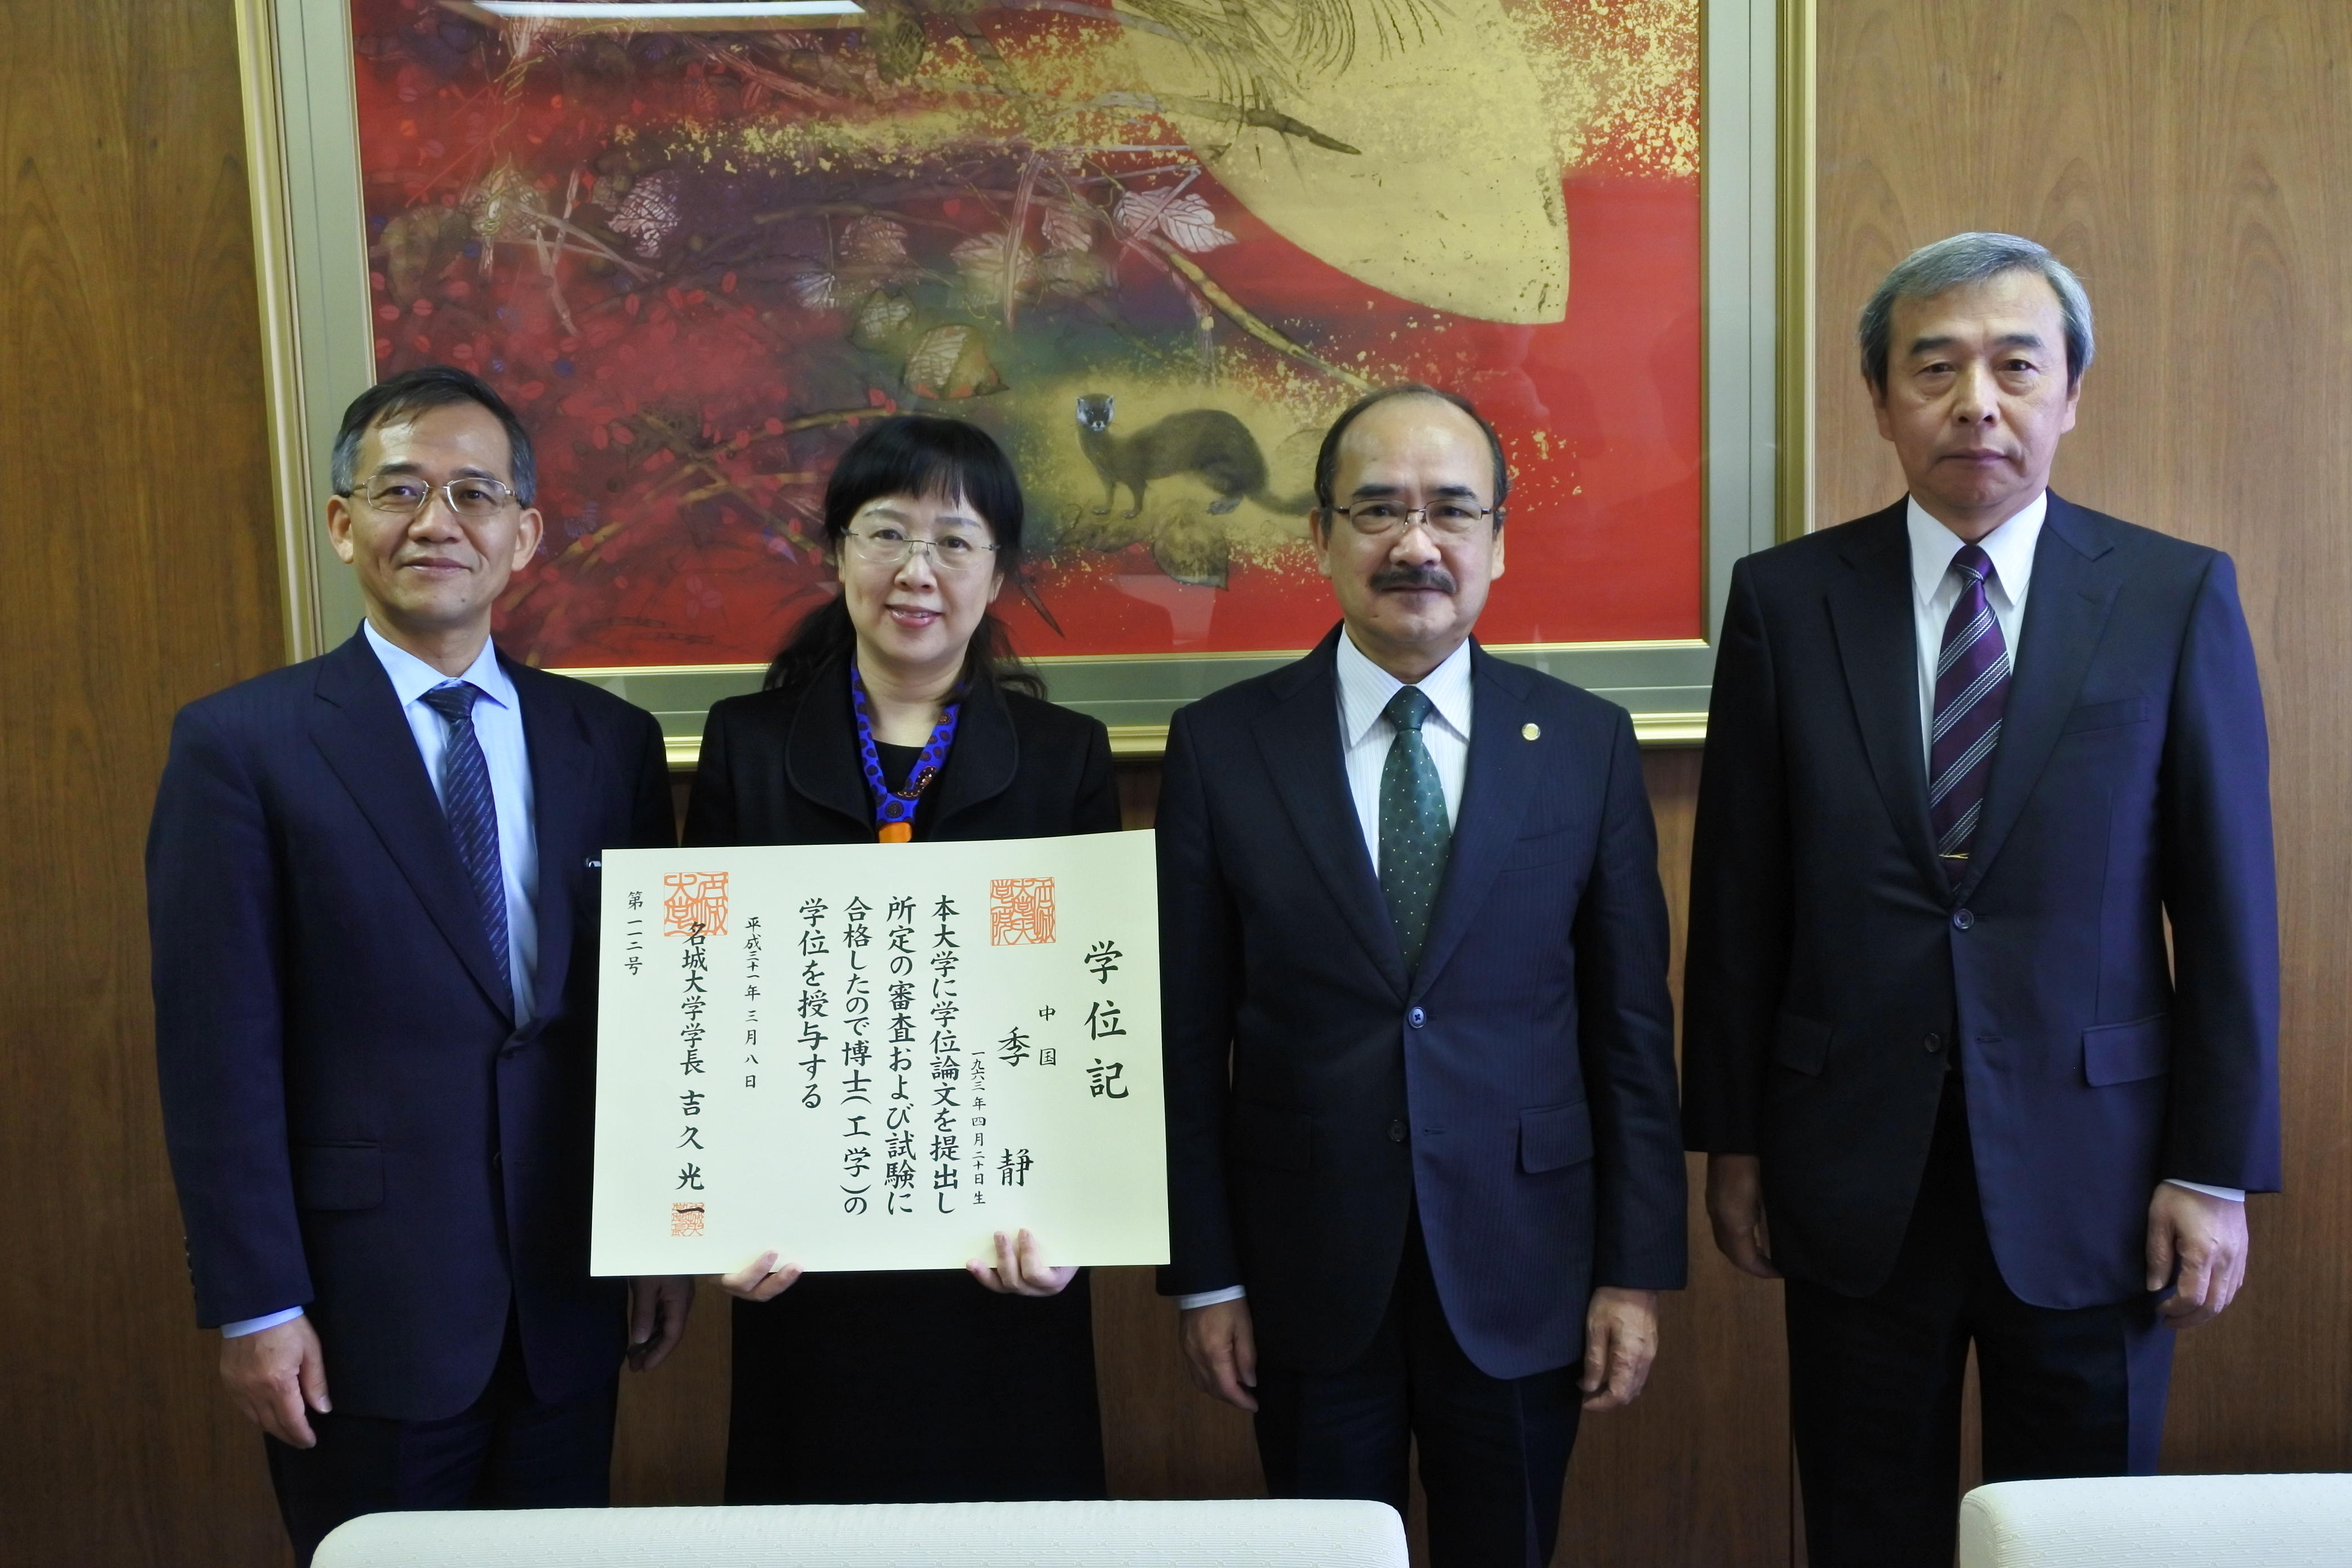 記念写真に納まる(左から)葛教授、季さん、吉久学長、加鳥裕明理工学研究科長